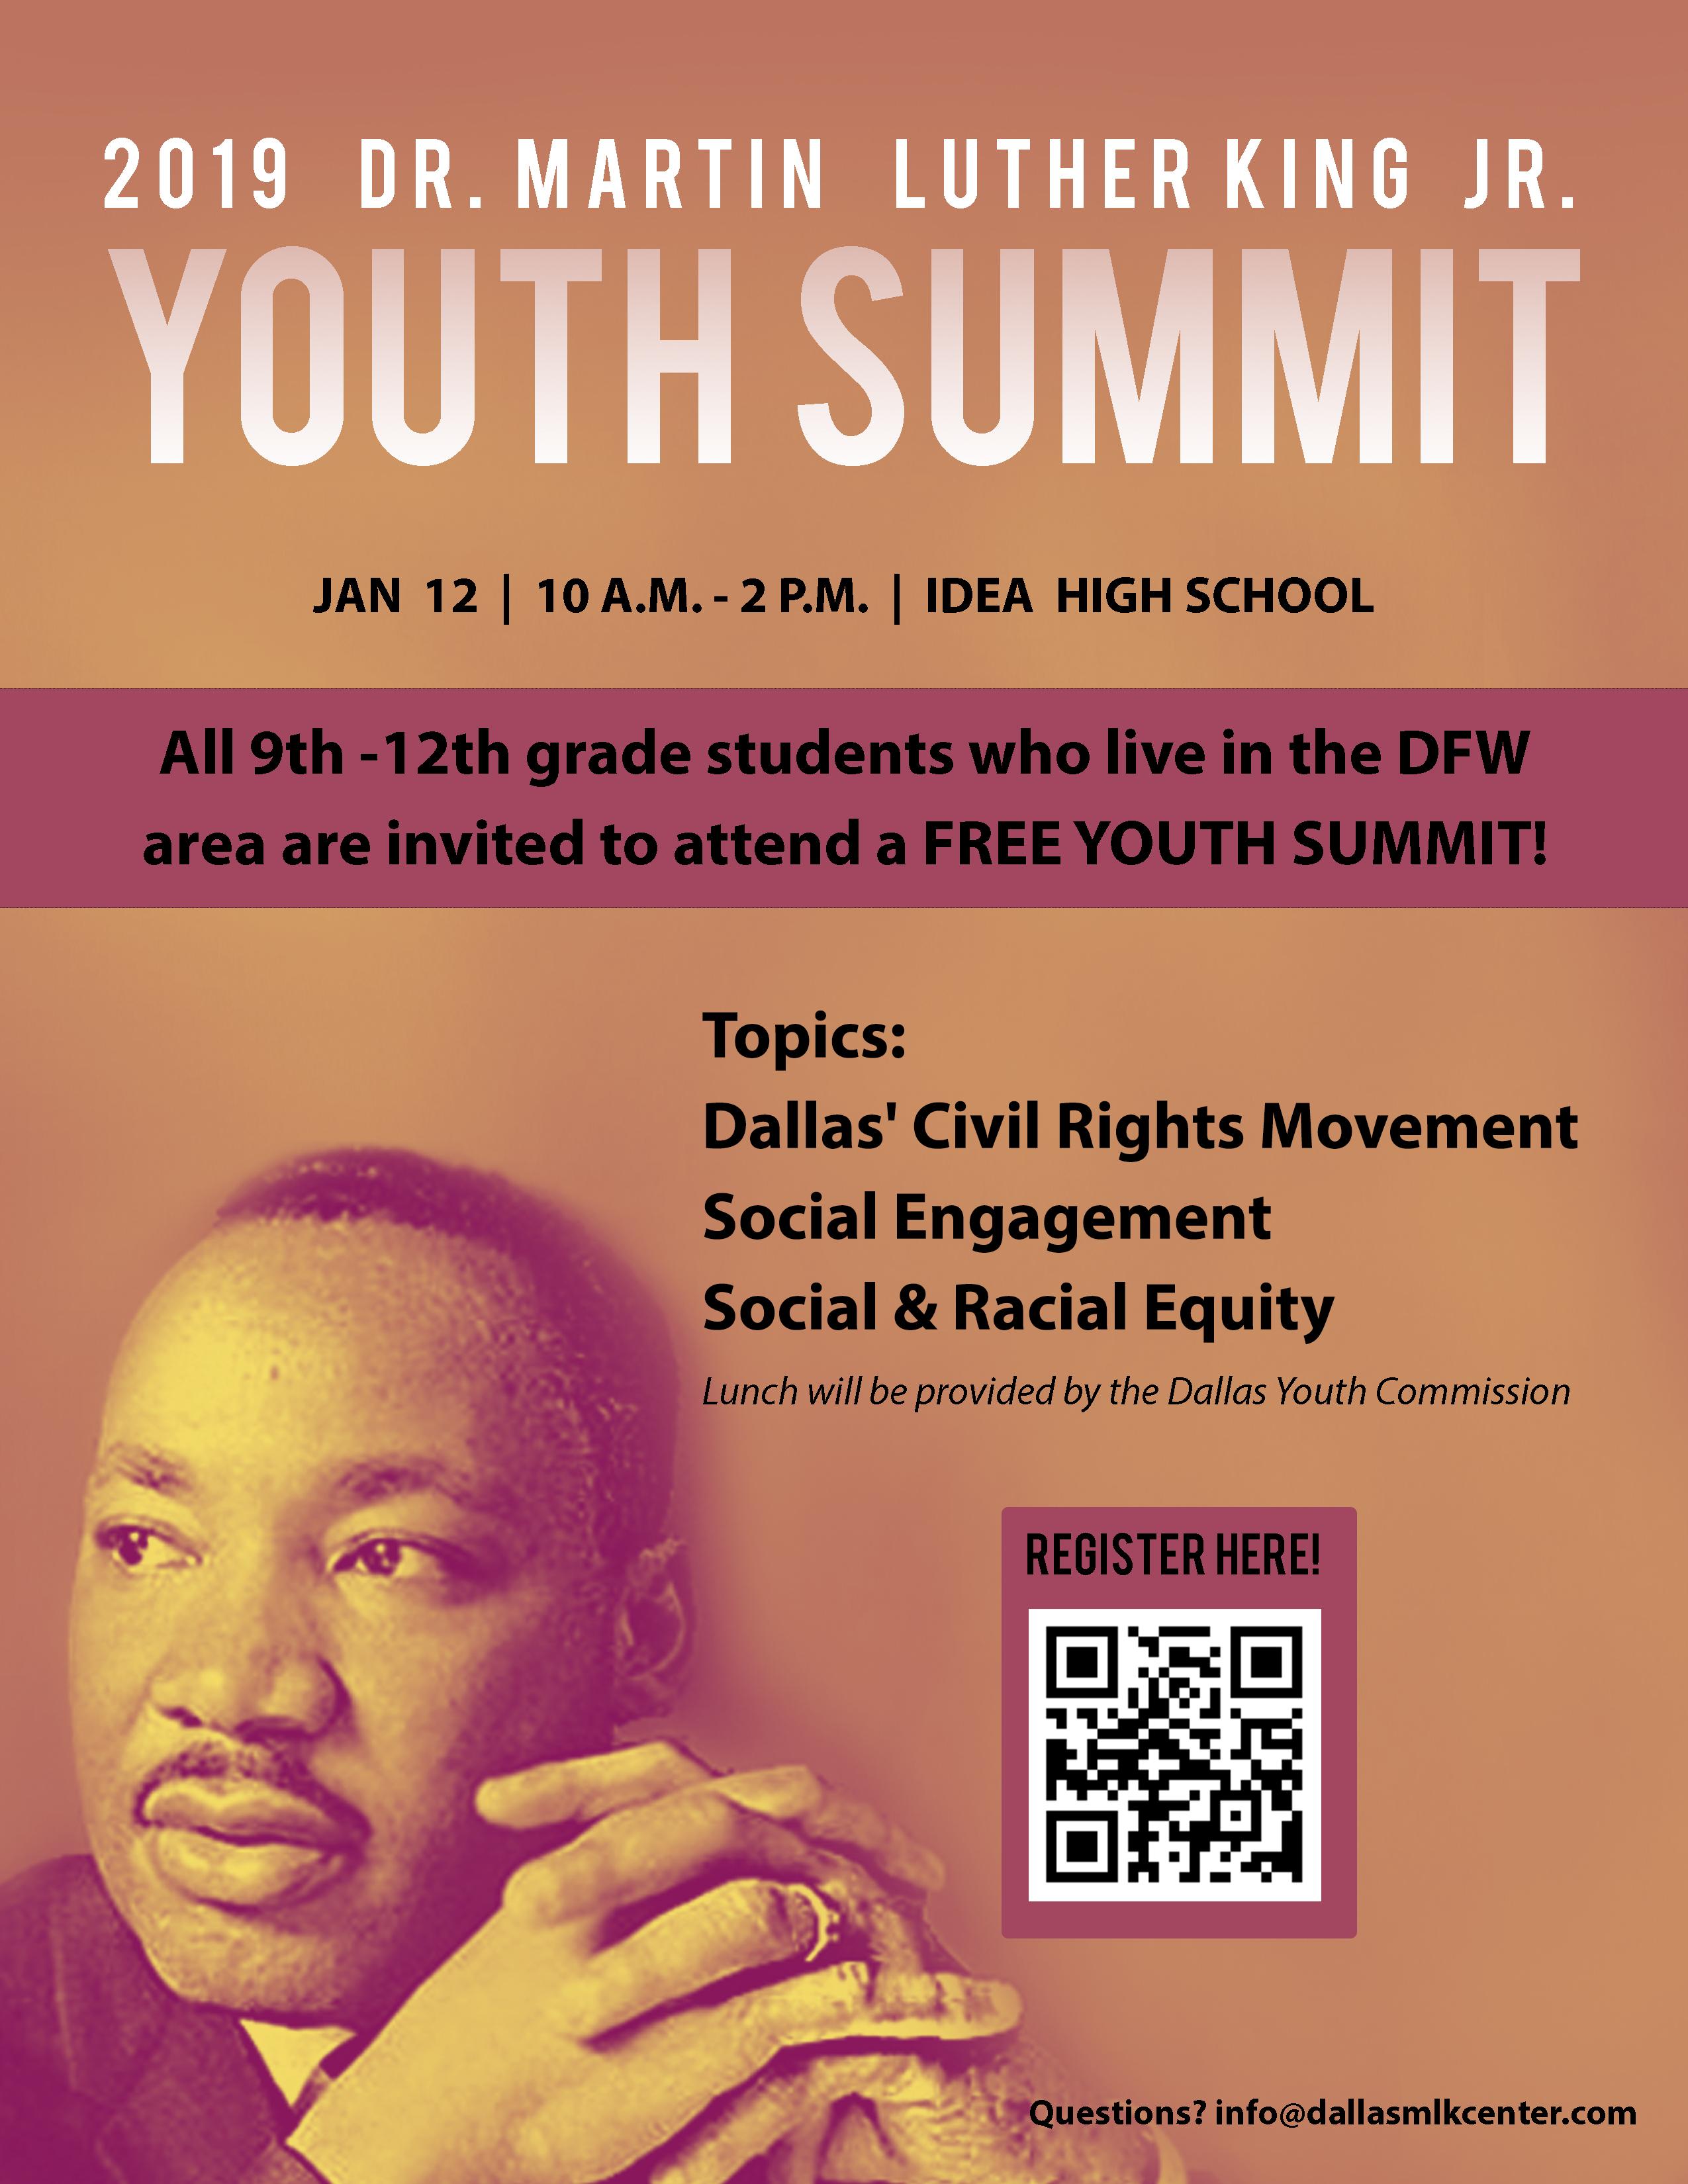 Youth Summit @ IDEA High School